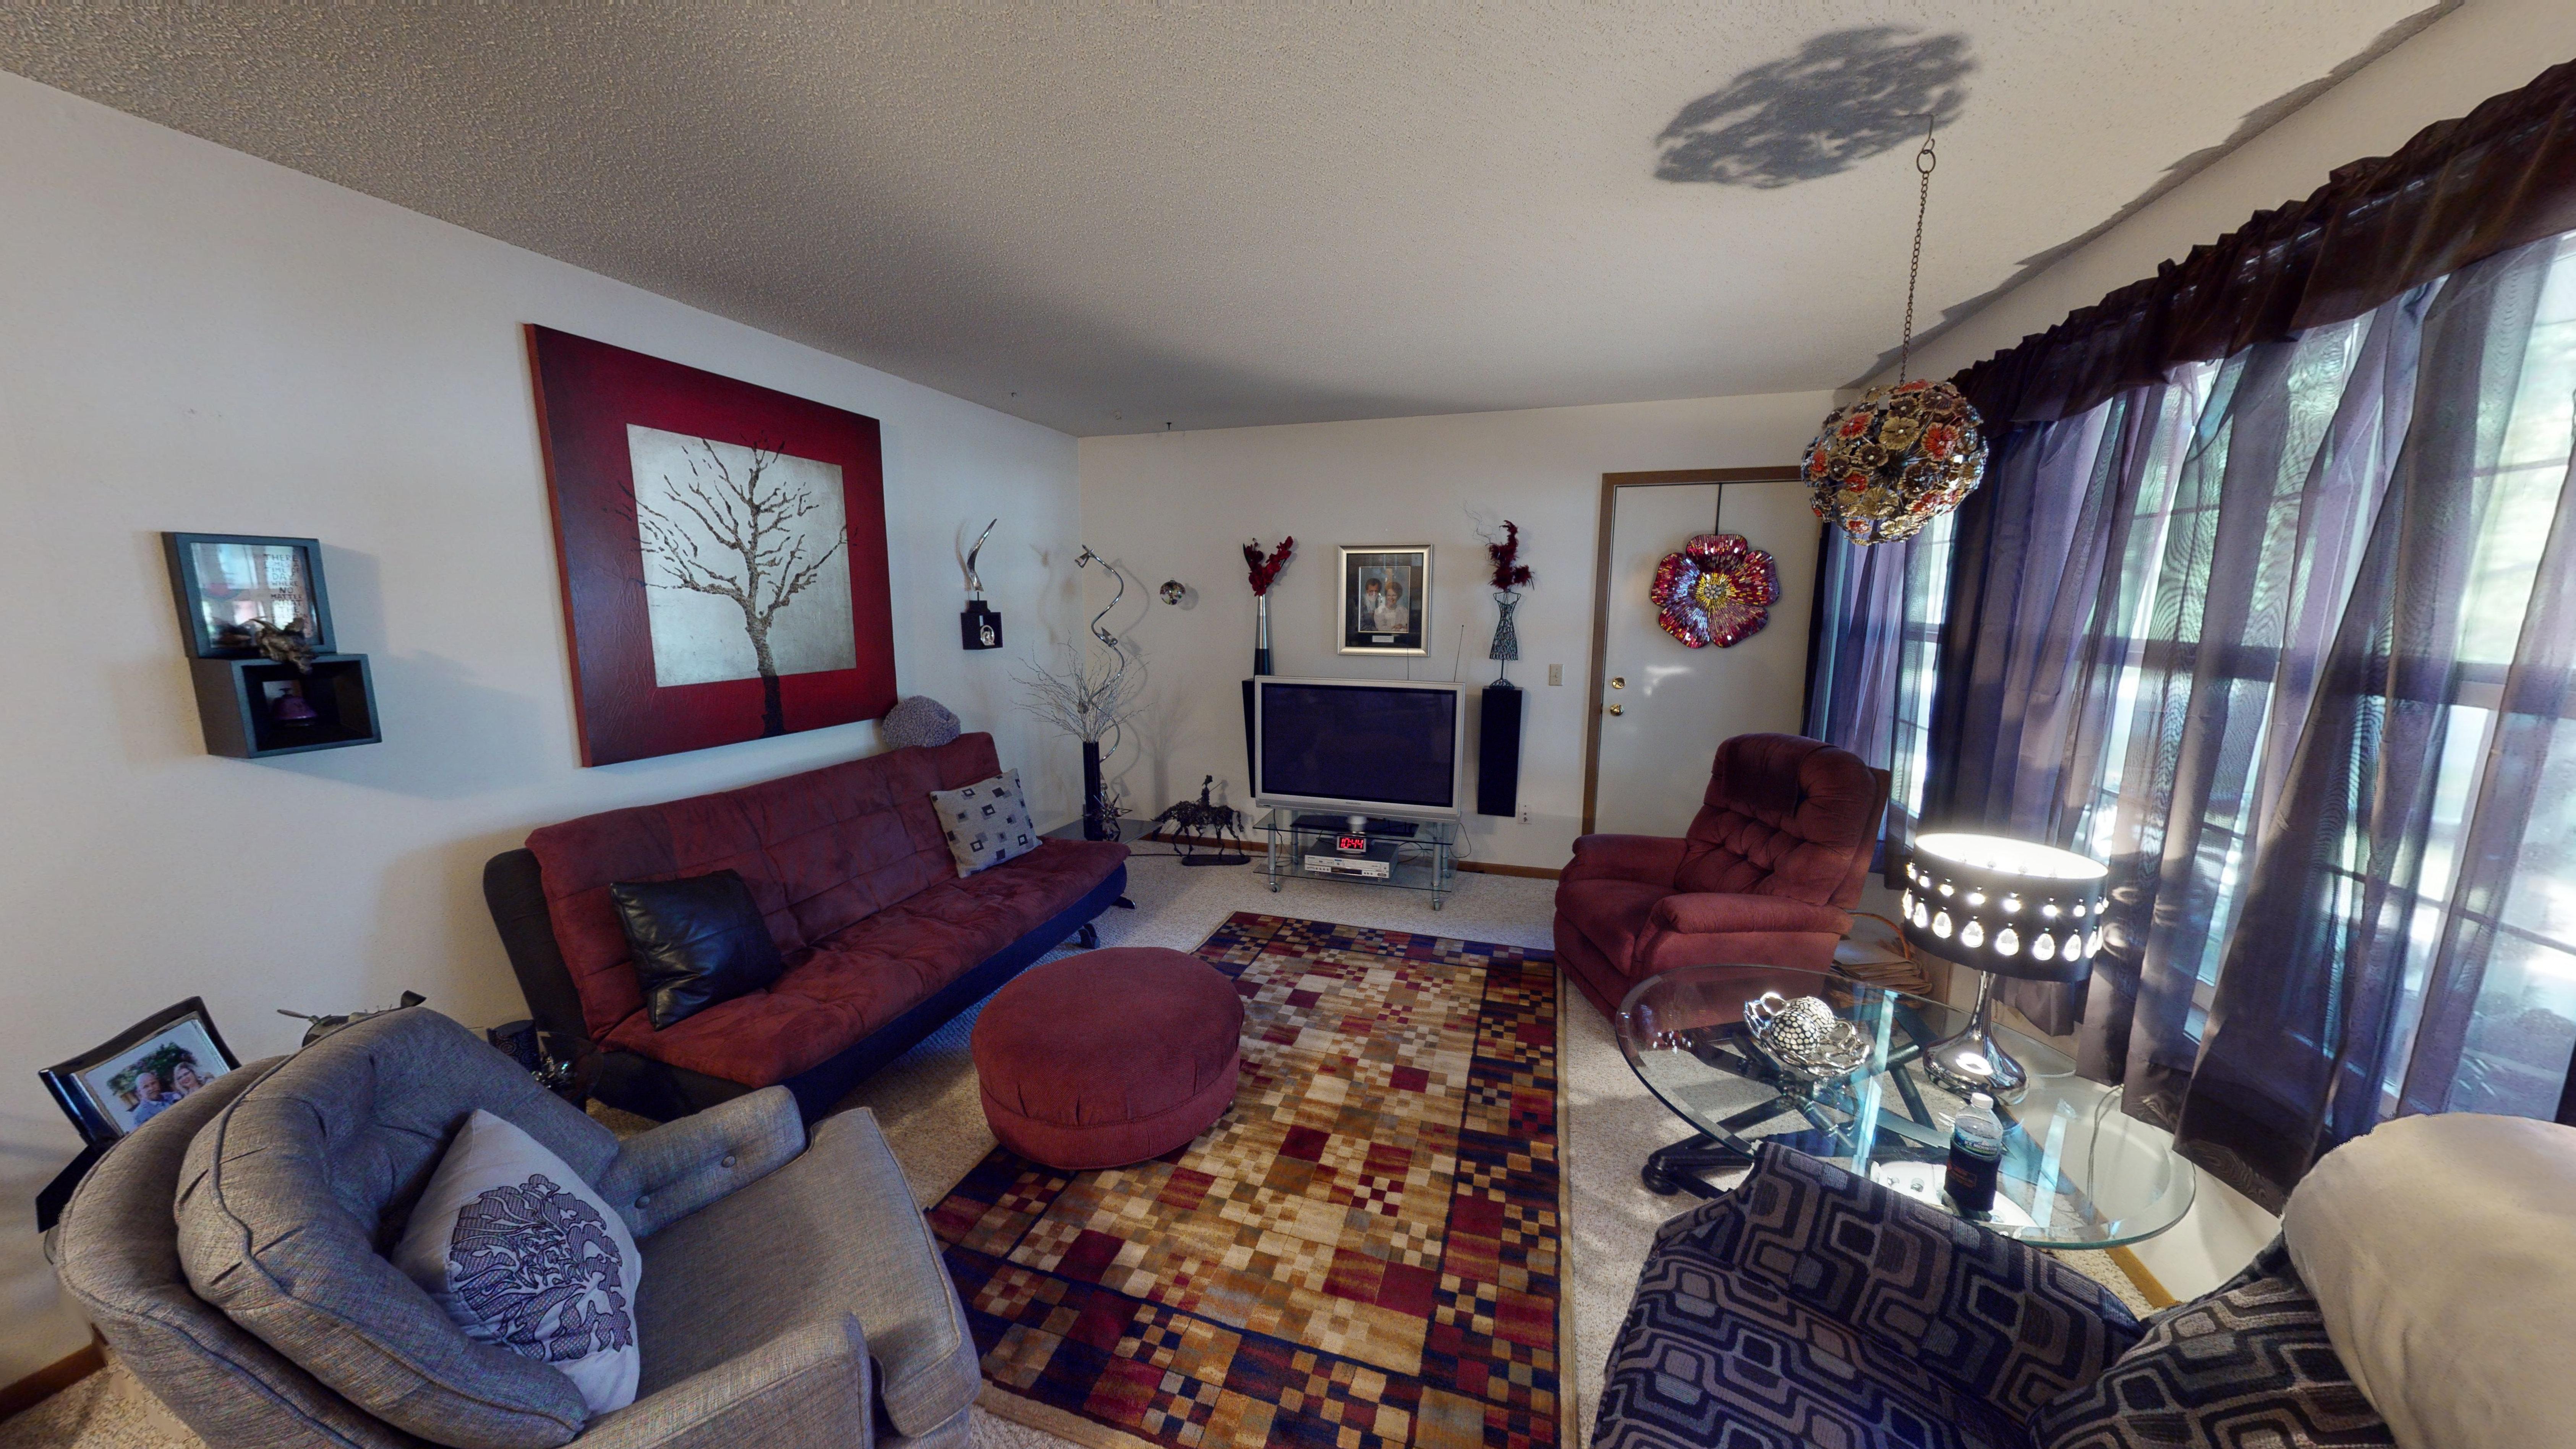 Cottages-of-Aspen-2-Bedroom-1-Bath-08242